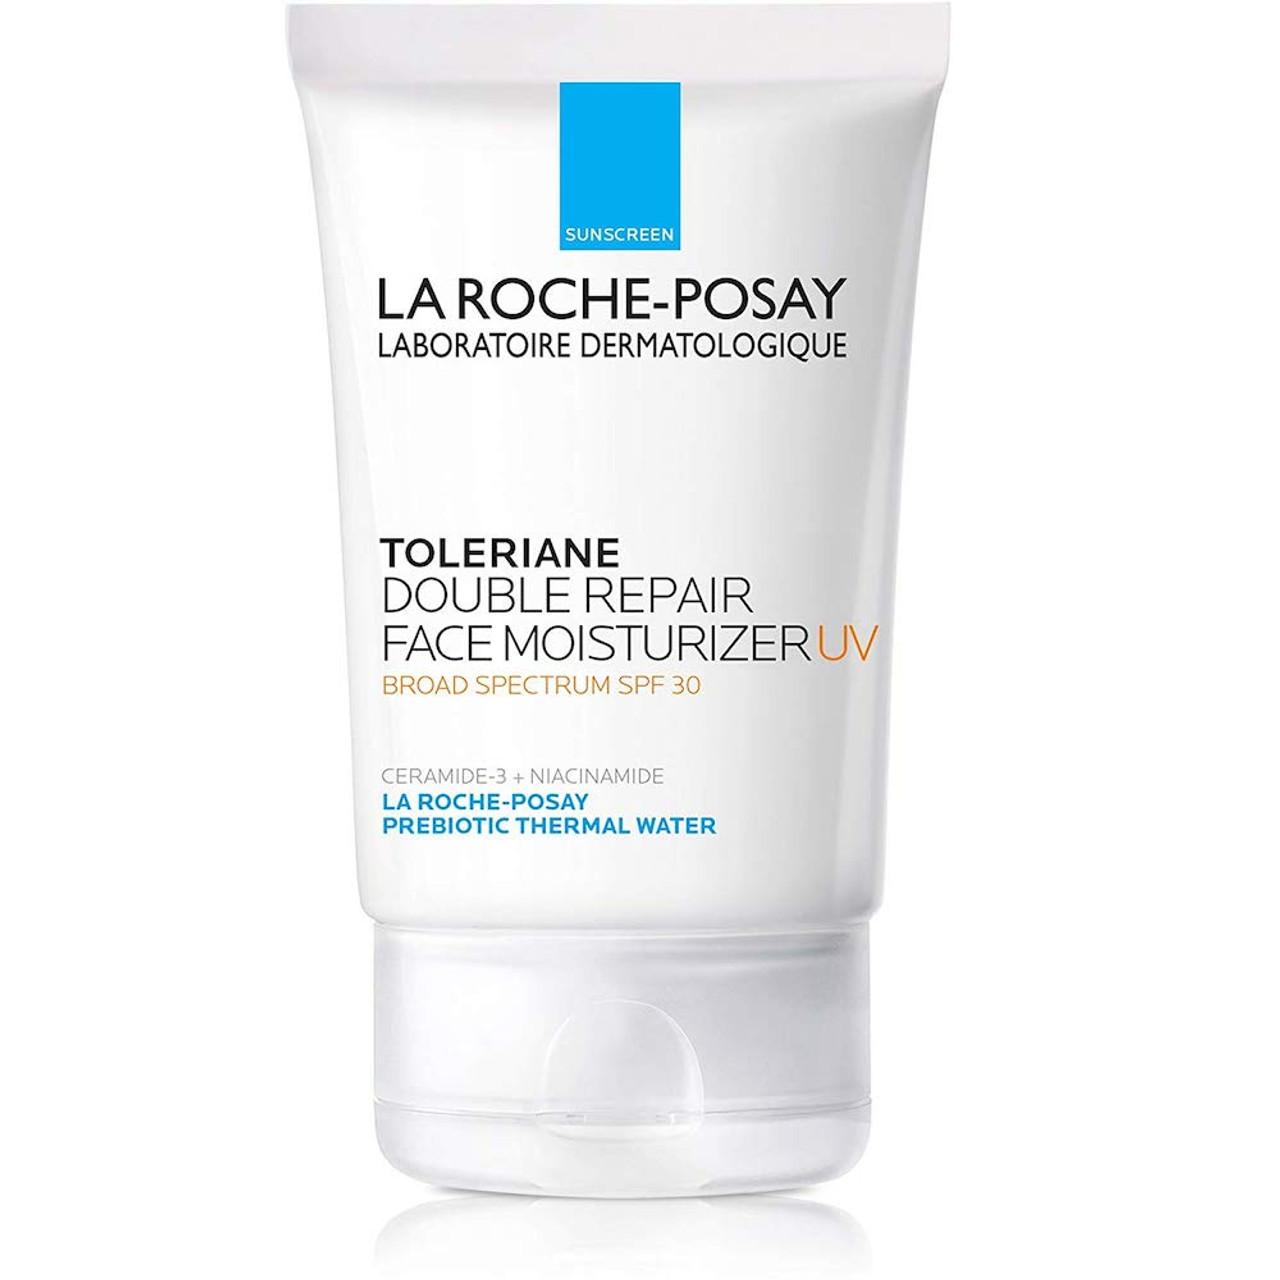 La Roche Posay Toleriane Double Repair Facial Moisturizer UV SPF 30